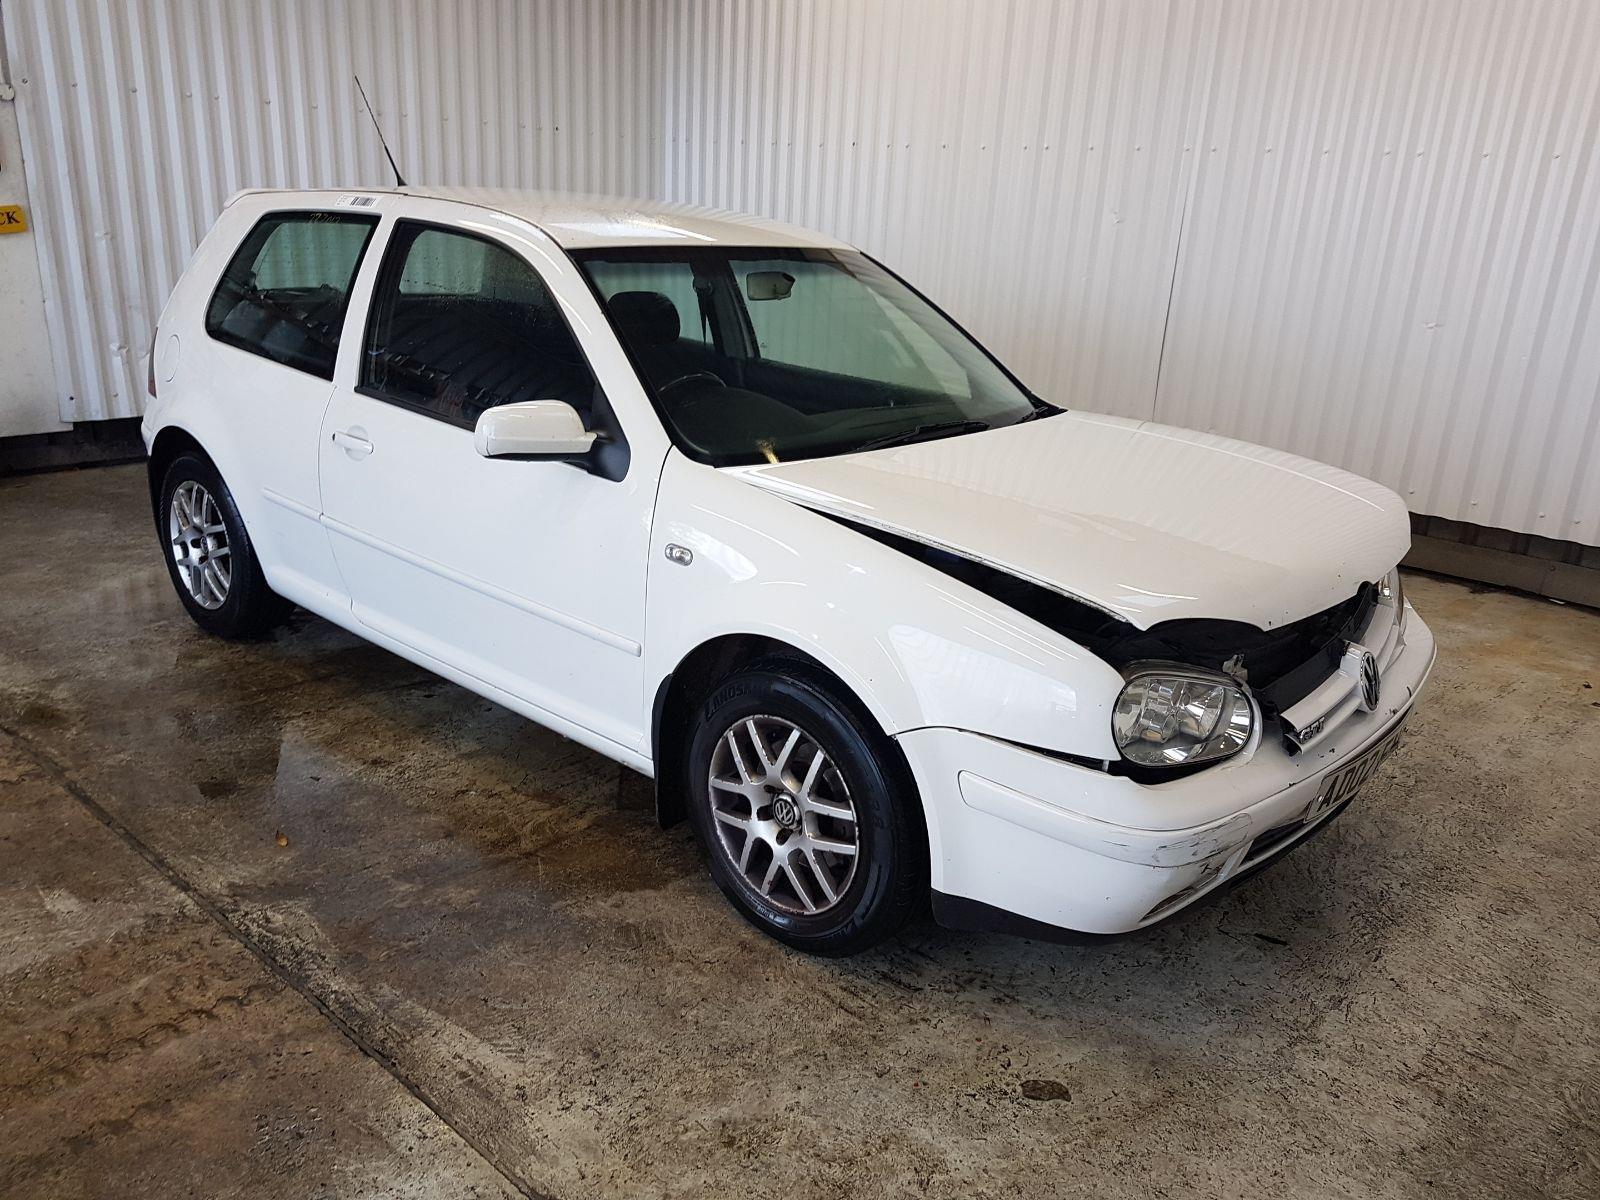 Volkswagen Golf (mk4) 1997 To 2003 GTi 3 Door Hatchback